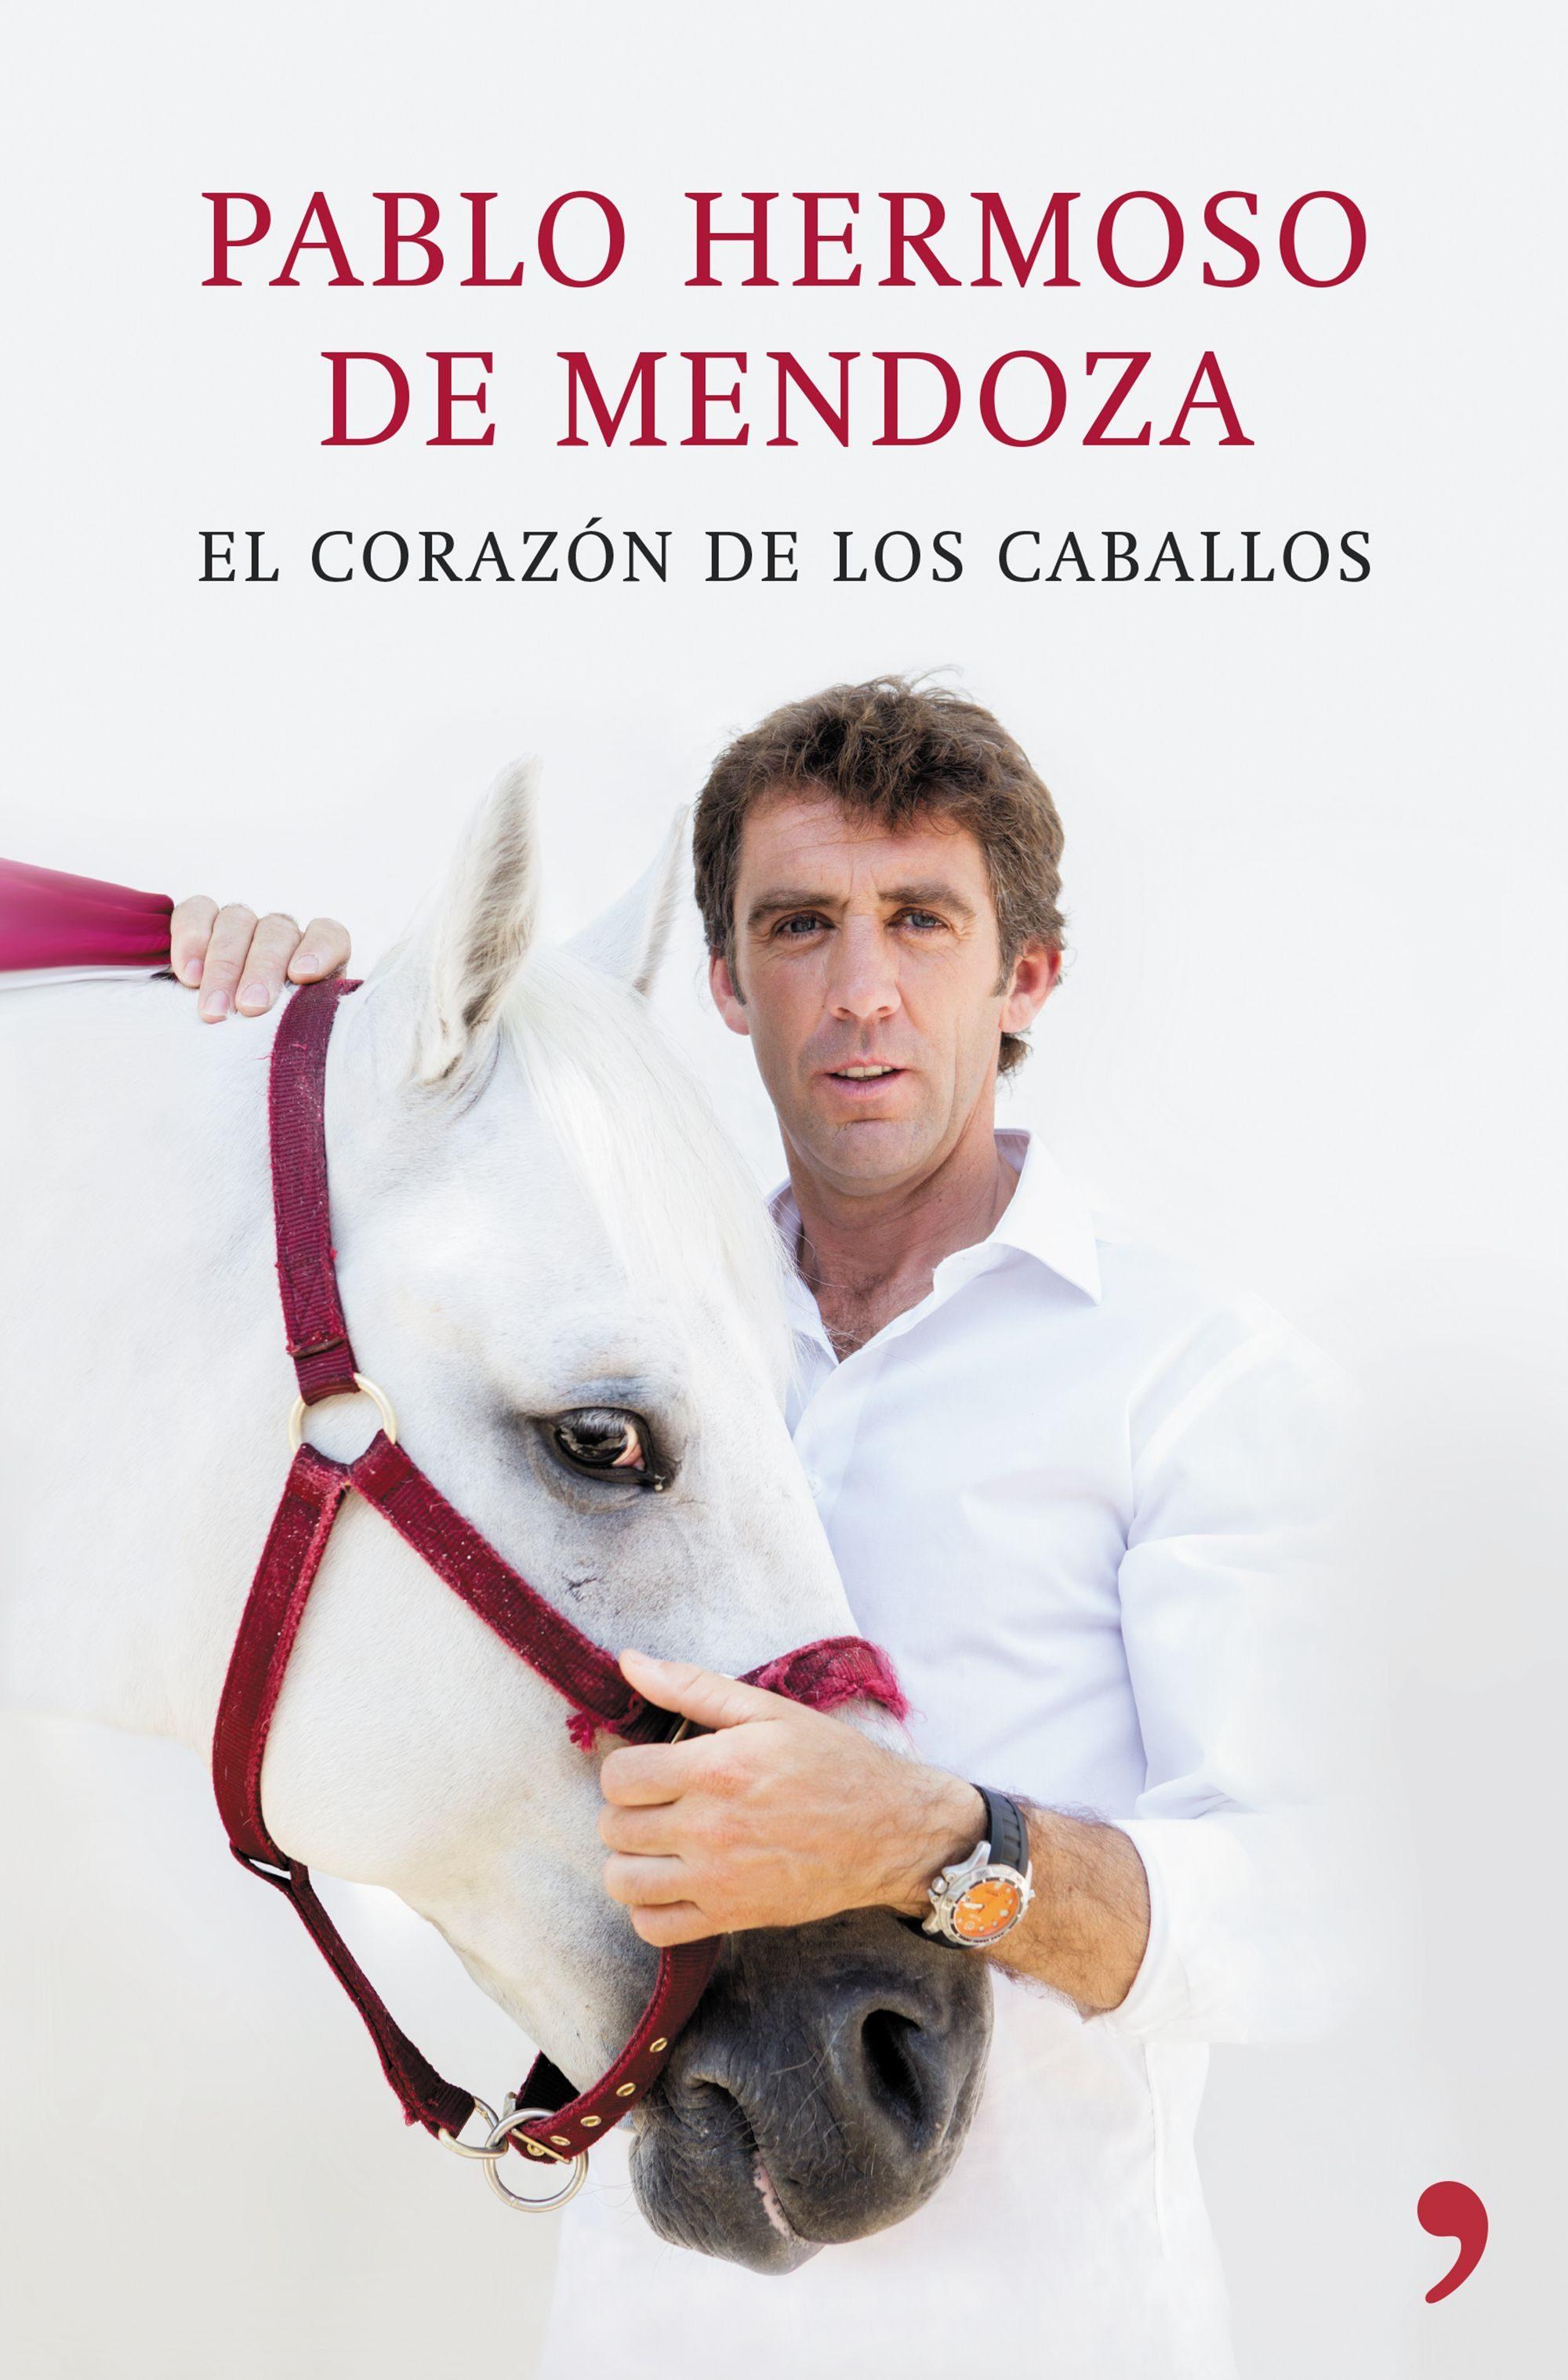 El corazón de los caballos; pablo hermoso de mendoza